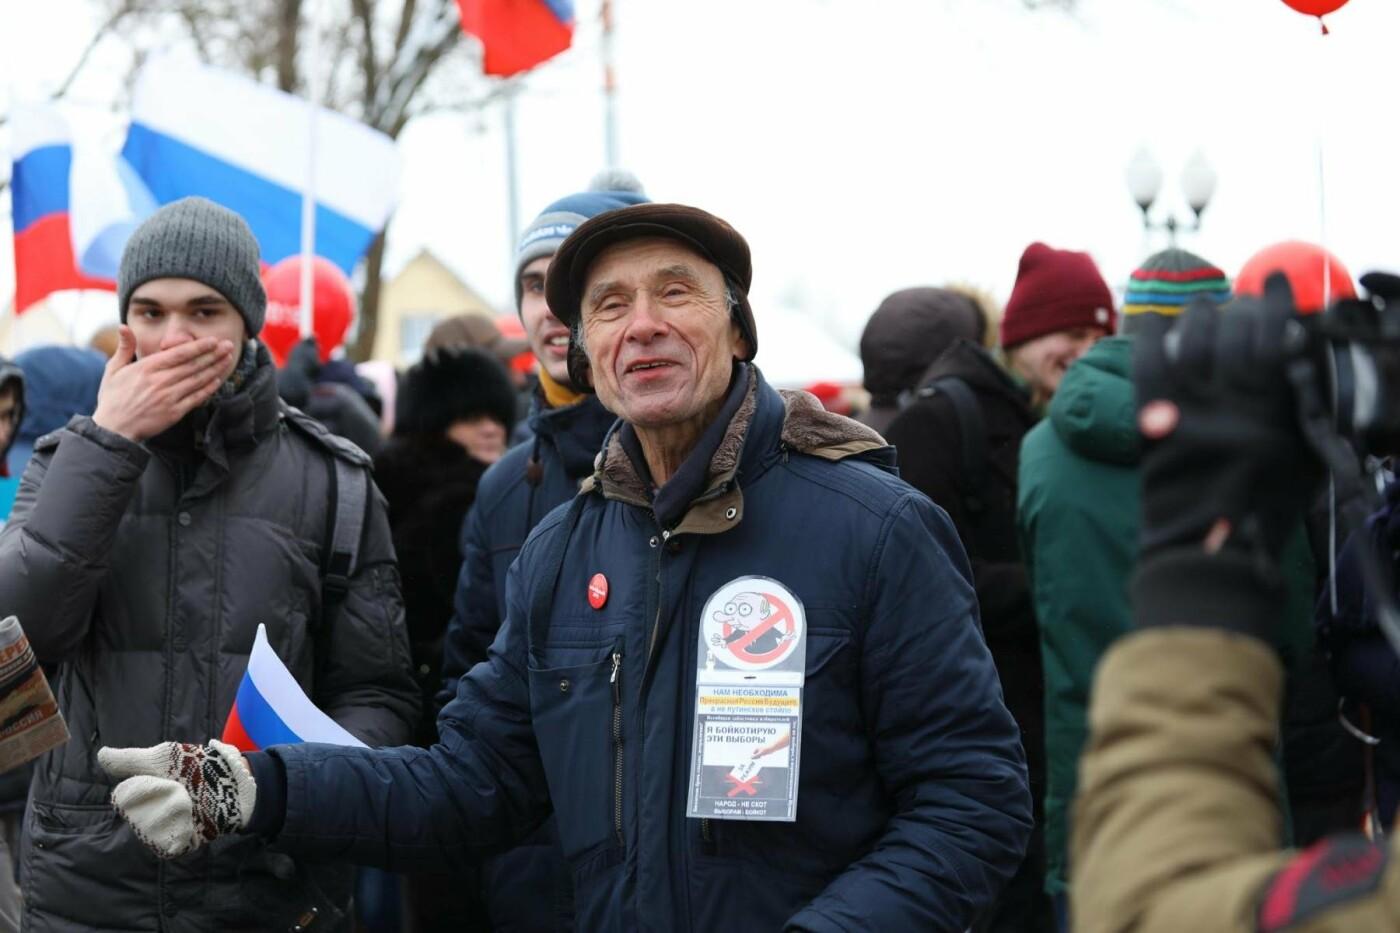 В Белгороде у Дома офицеров прошла «забастовка избирателей» — фоторепортаж, фото-30